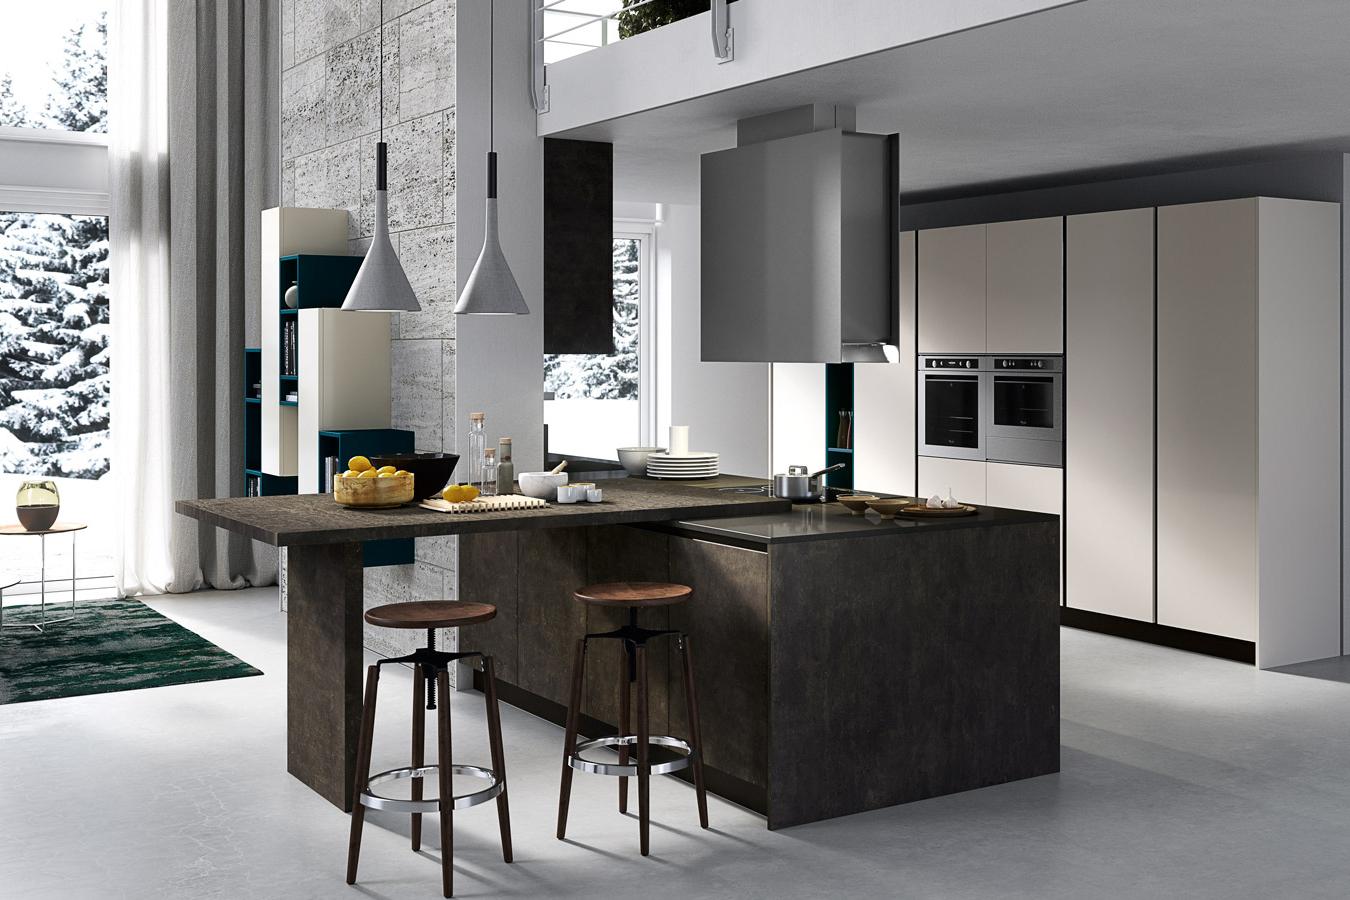 Cucina kal di arredo3 righetti mobili novara - Arredo3 cucine moderne ...